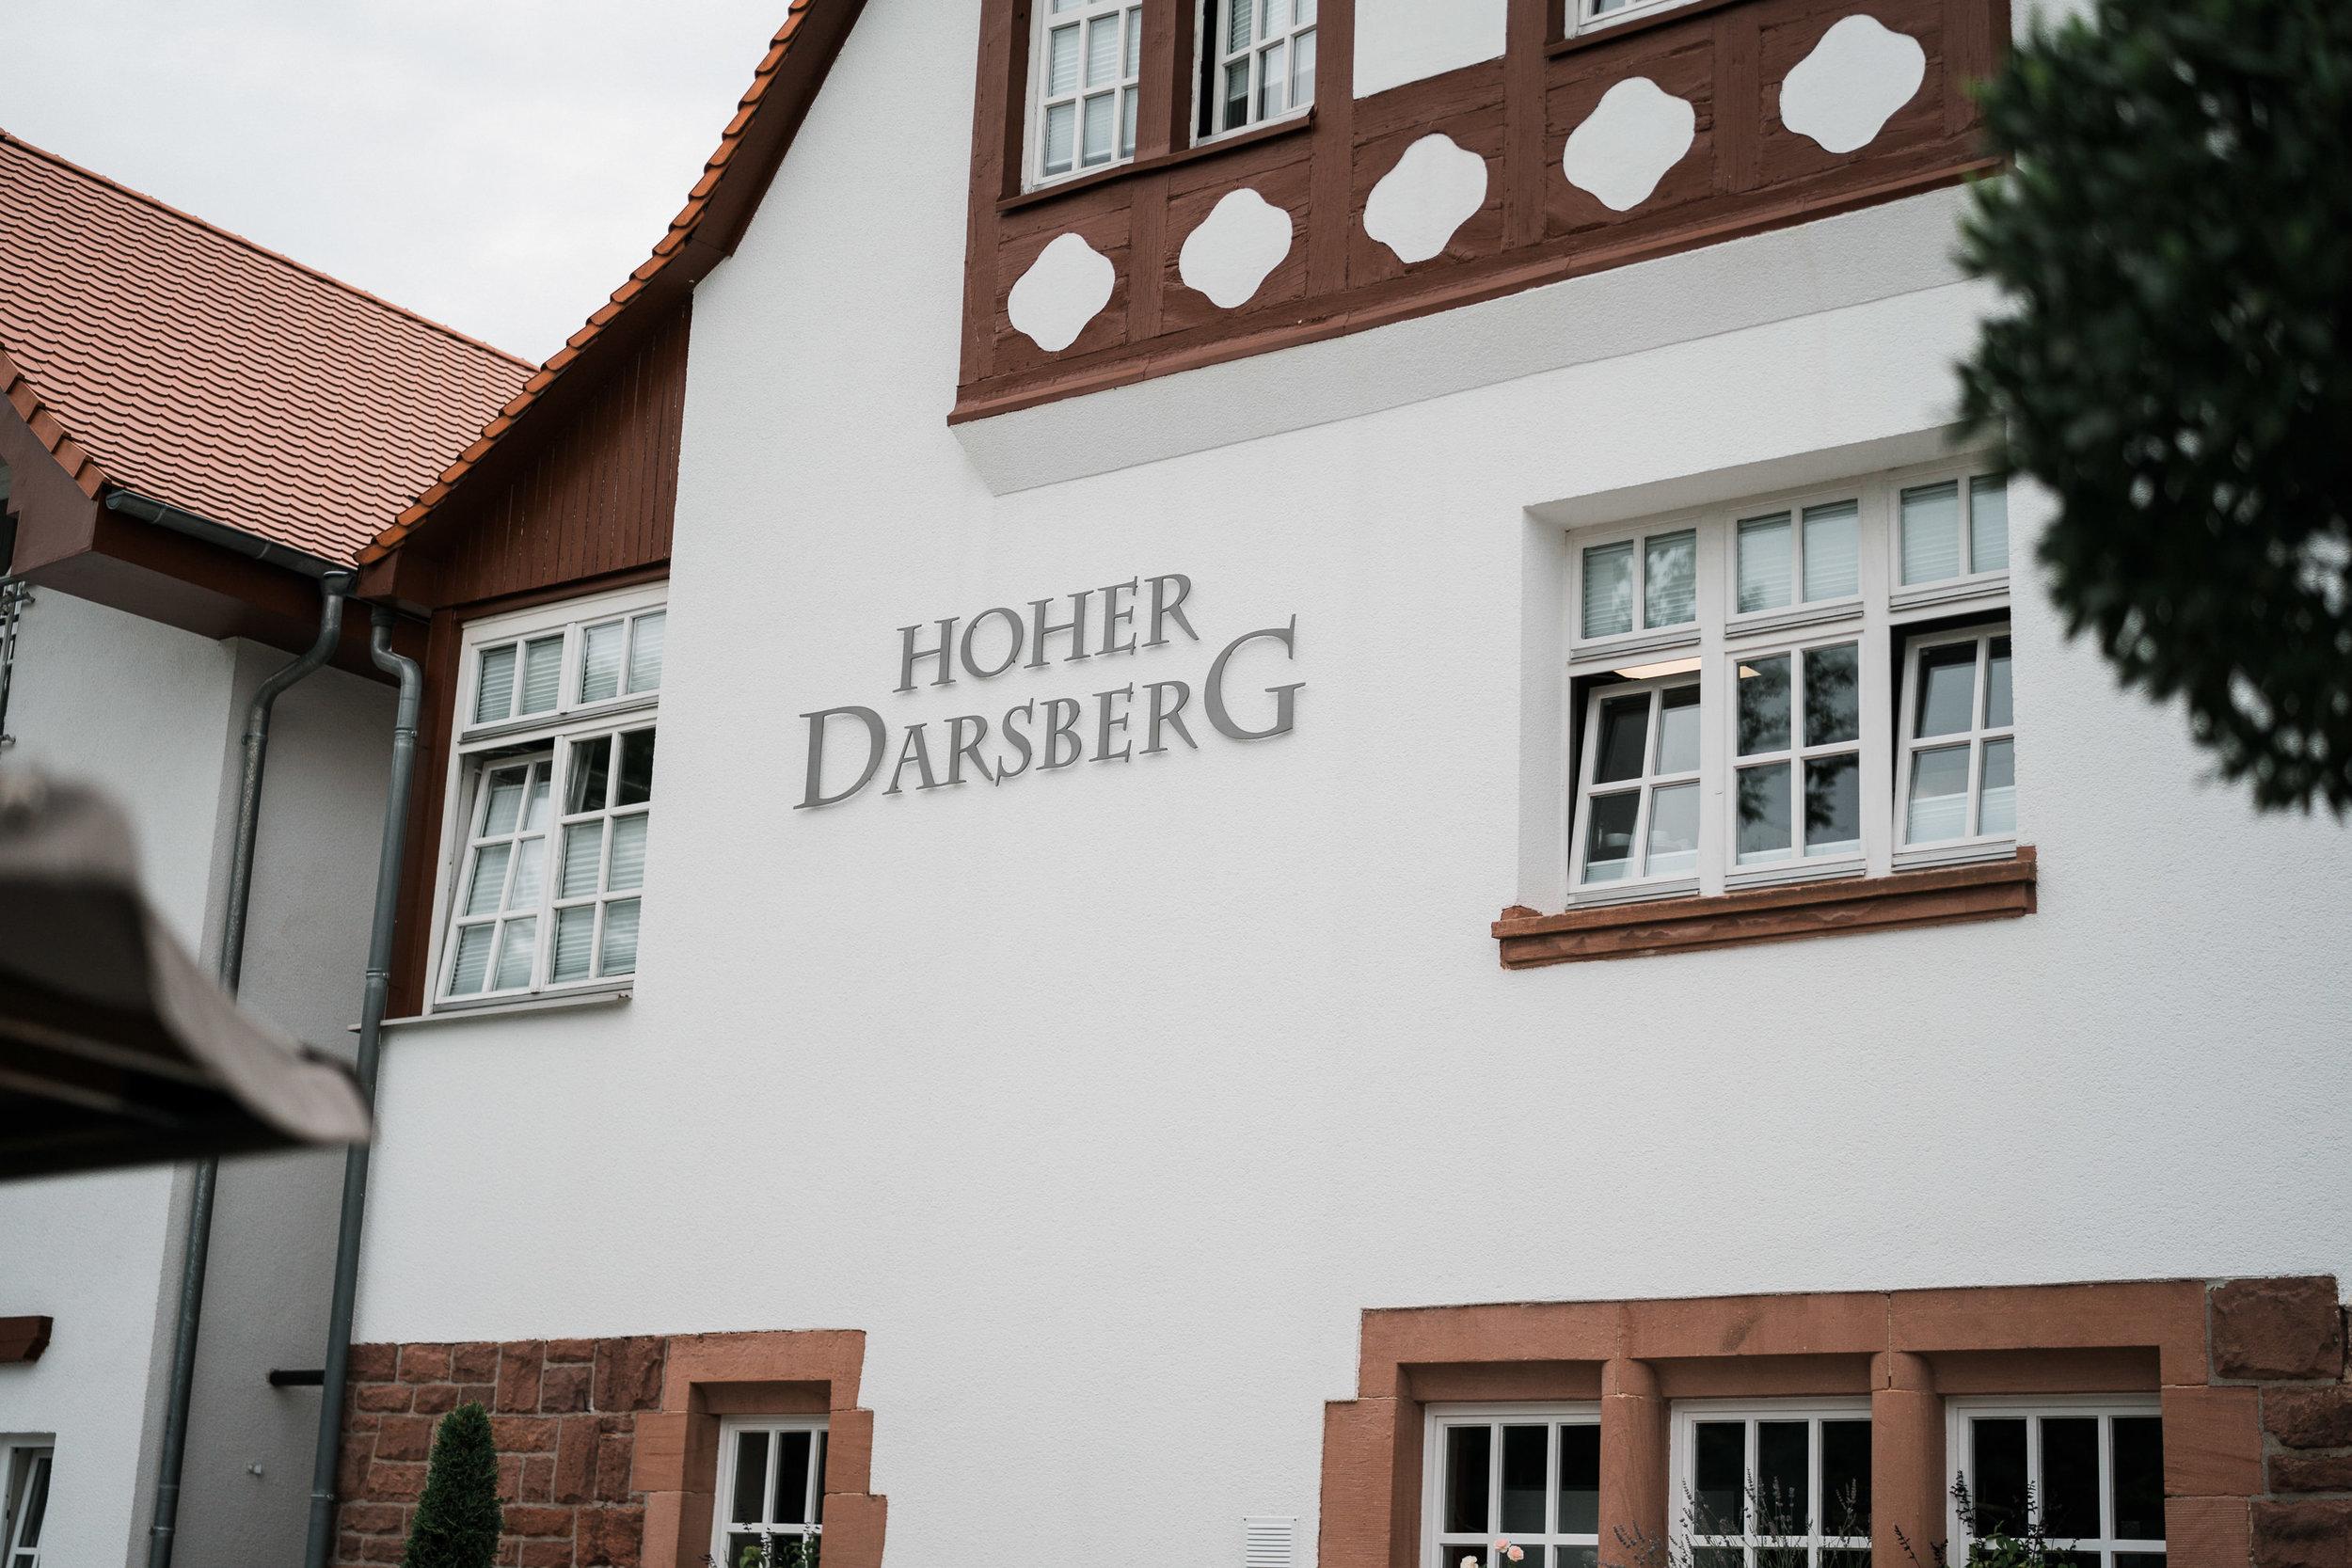 herrundfrauk_mimiundolli_hoherdarsberg_05072018-001.jpg